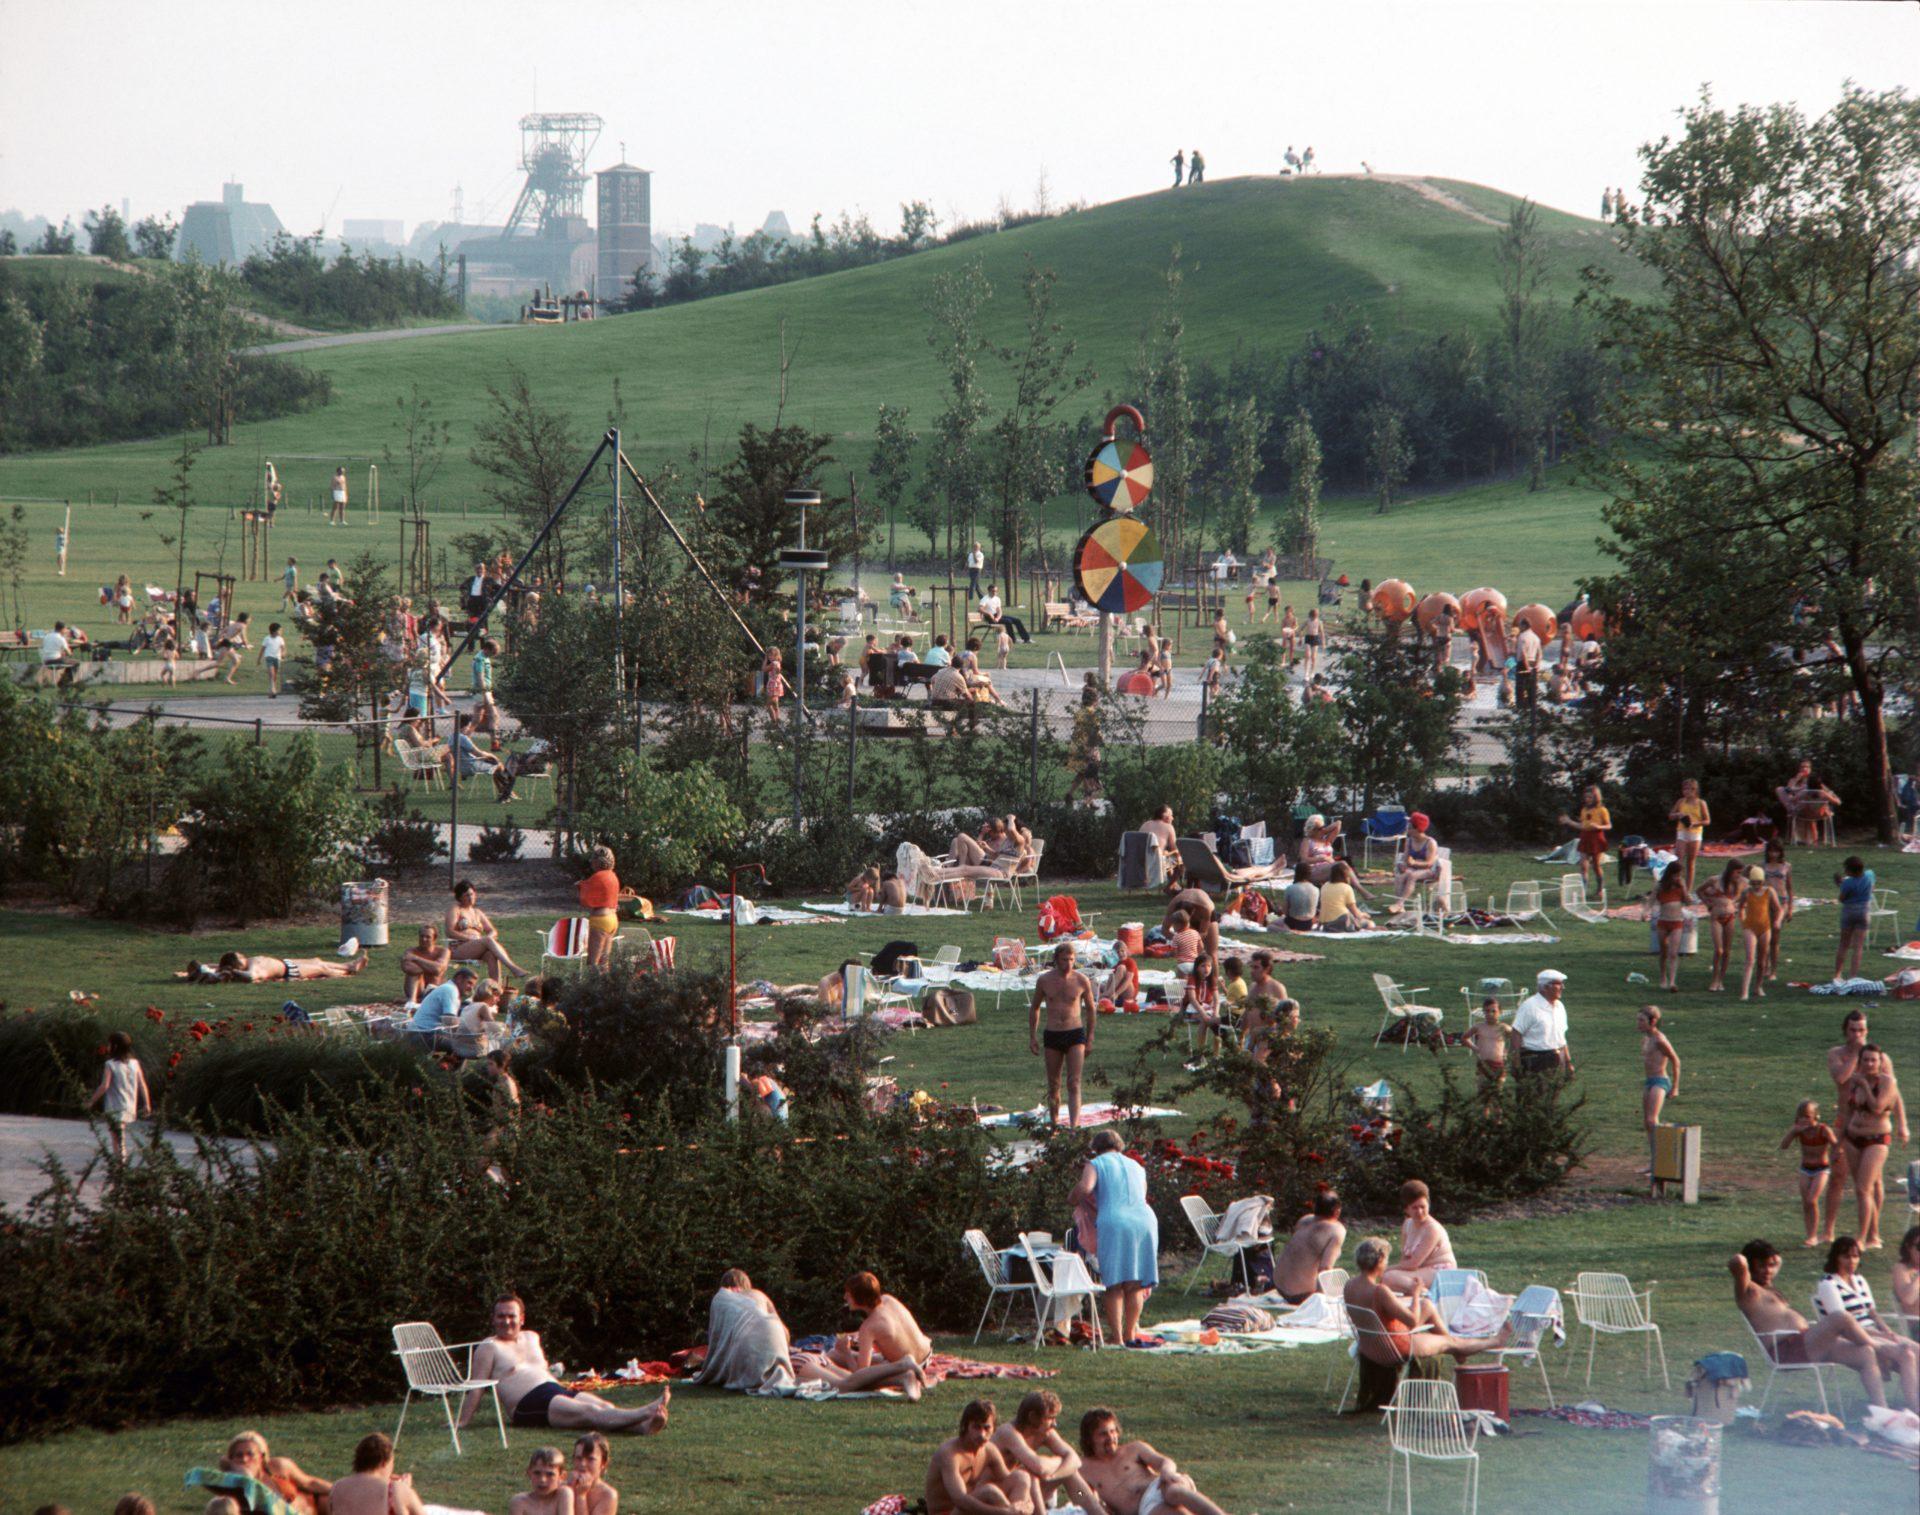 Freibad und Liegewiesen im Revierpark Nienhausen, 1977, Foto: Manfred Ehrich.